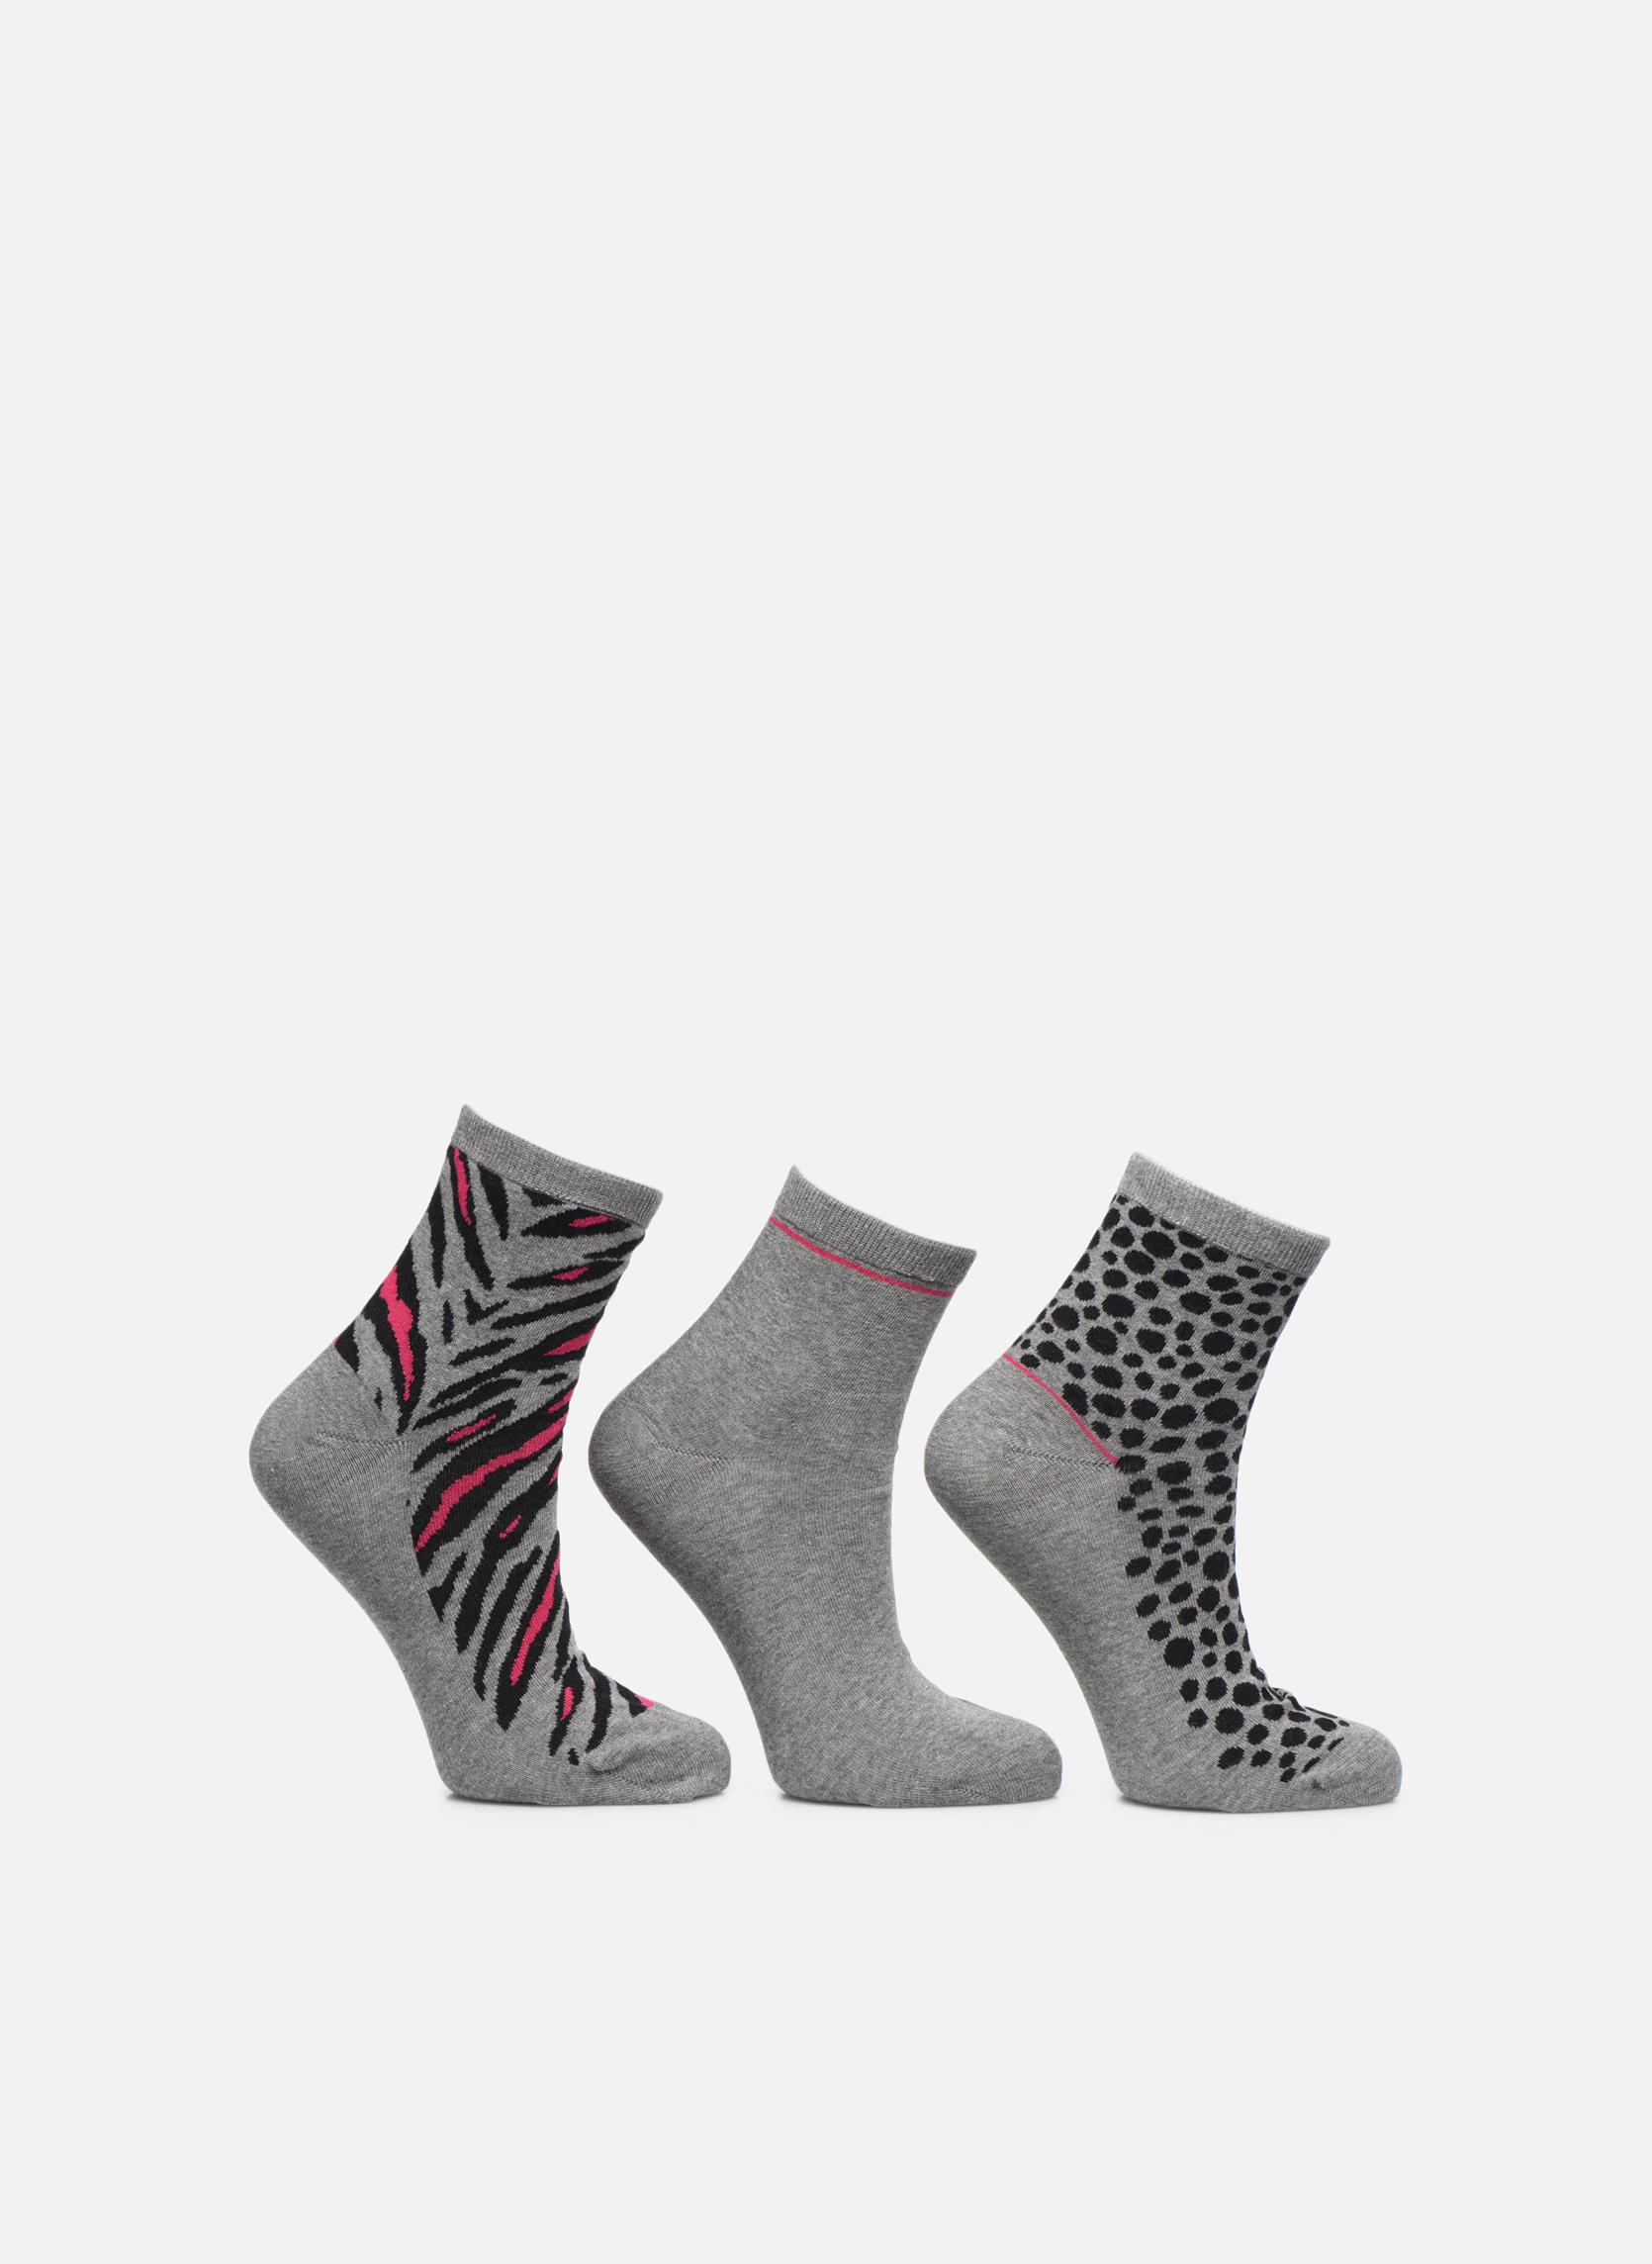 Sarenza Wear Chaussettes motif Pack de 3 femme coton